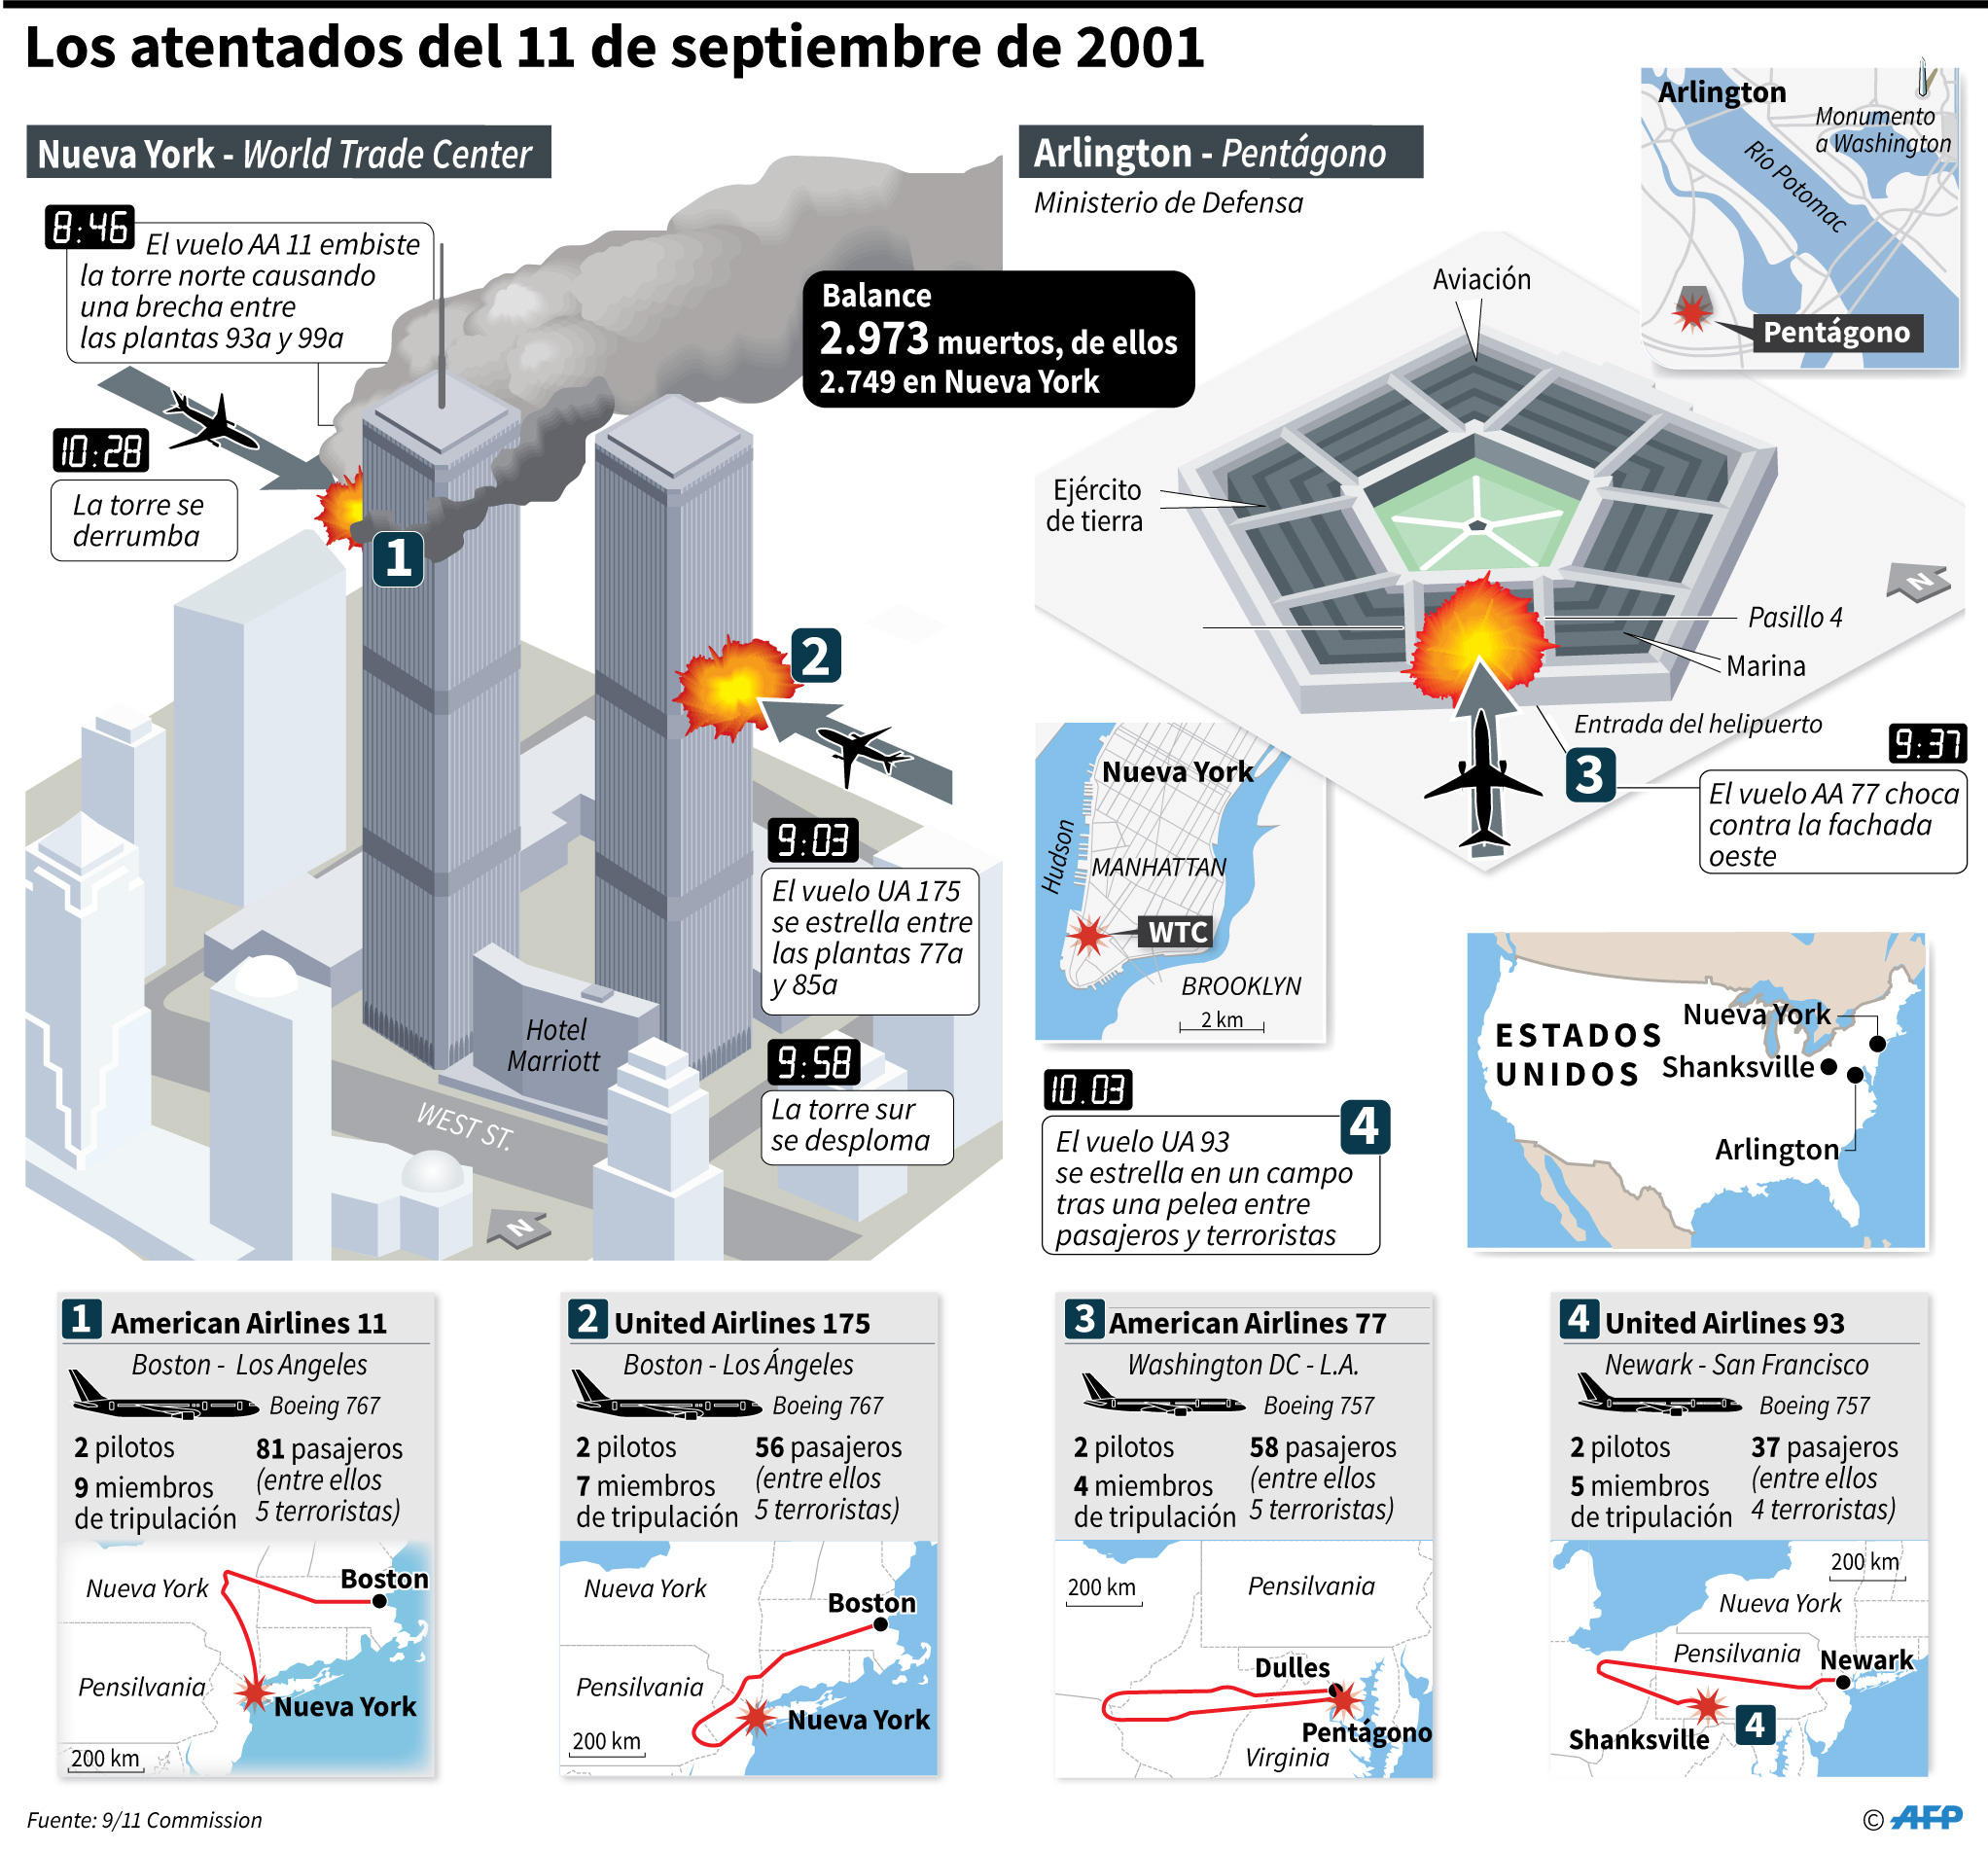 Cronología de los atentados del 11 de septiembre de 2001 en EEUU. (AFP)